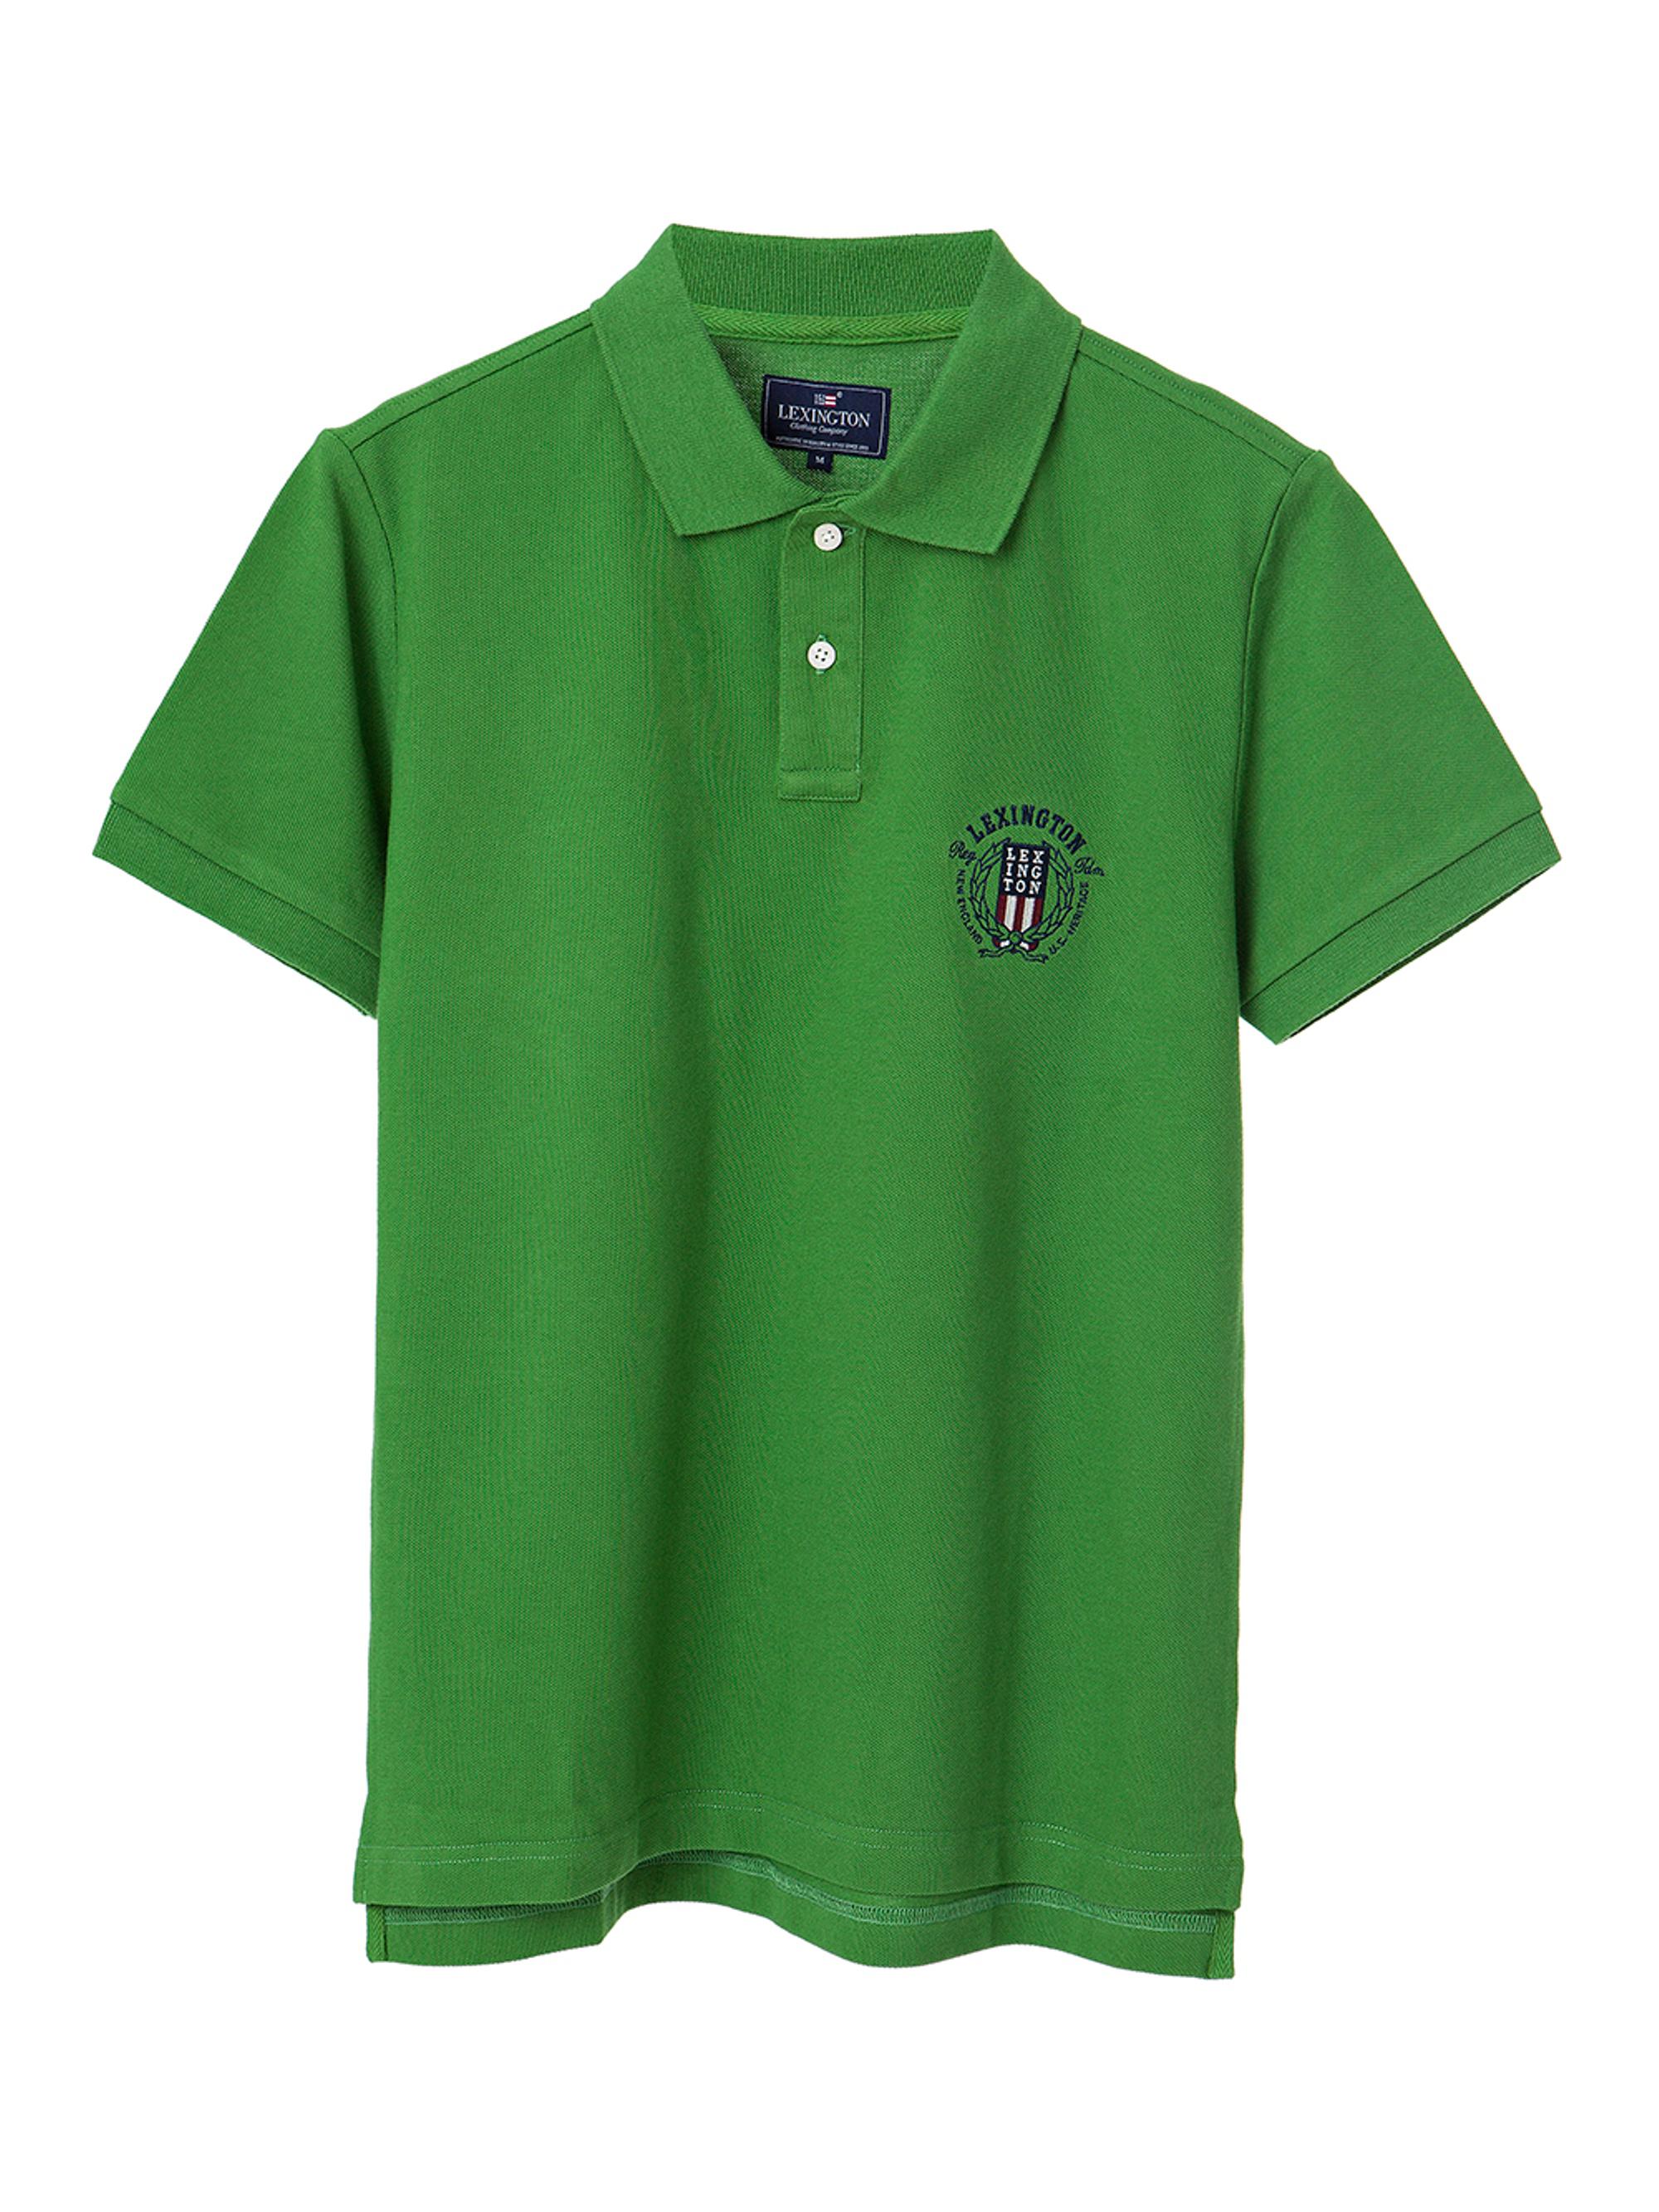 Oscar Polo, Tree Top Green